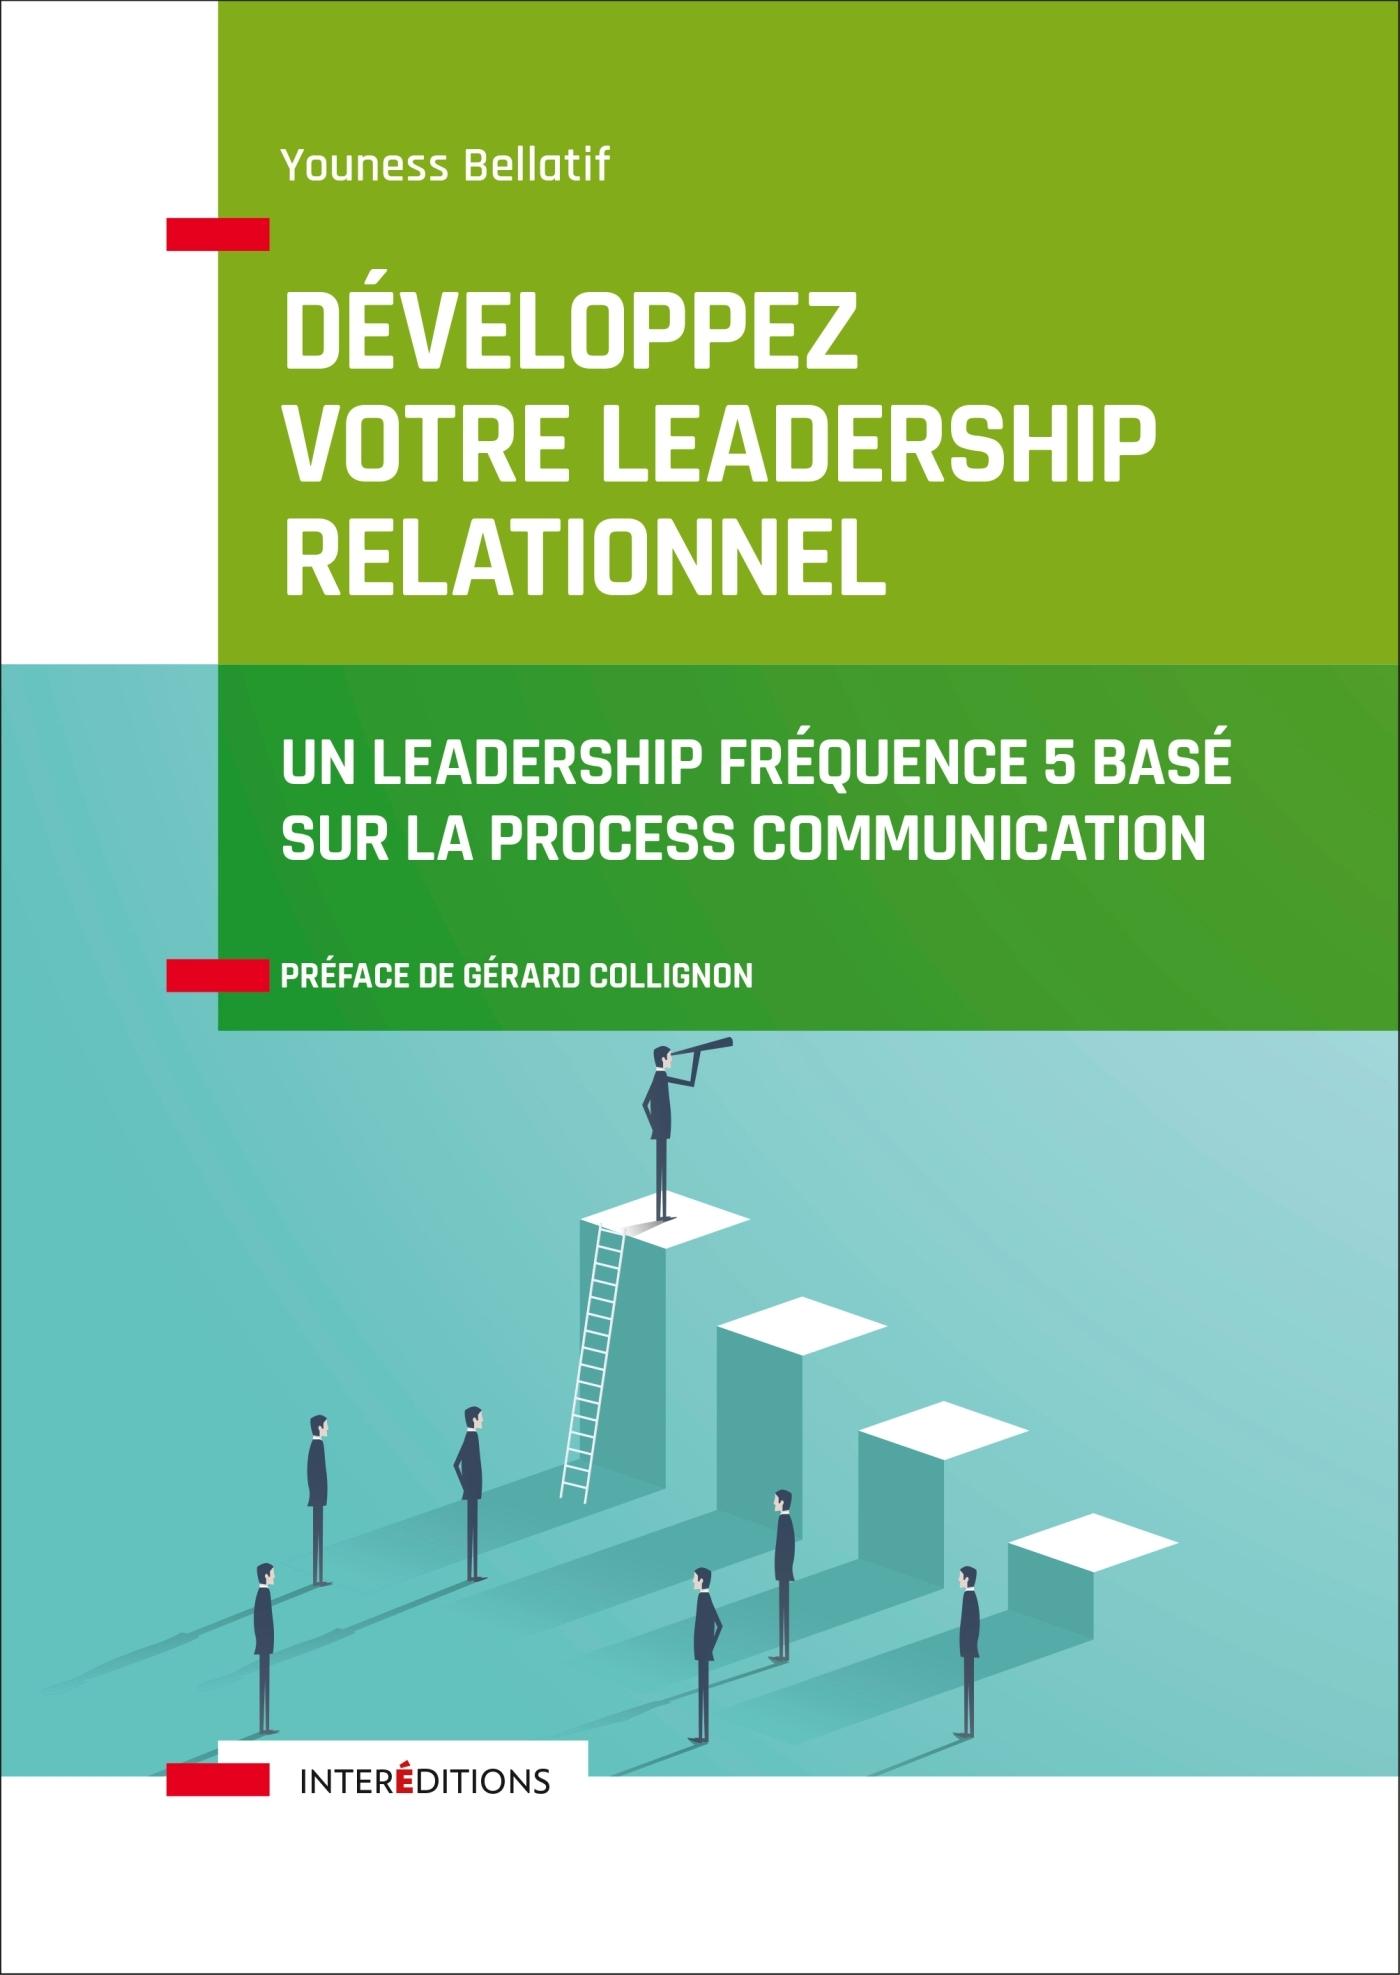 DEVELOPPEZ VOTRE LEADERSHIP RELATIONNEL - UN LEADERSHIP FREQUENCE 5 BASE SUR LA PROCESS COMMUNICATI